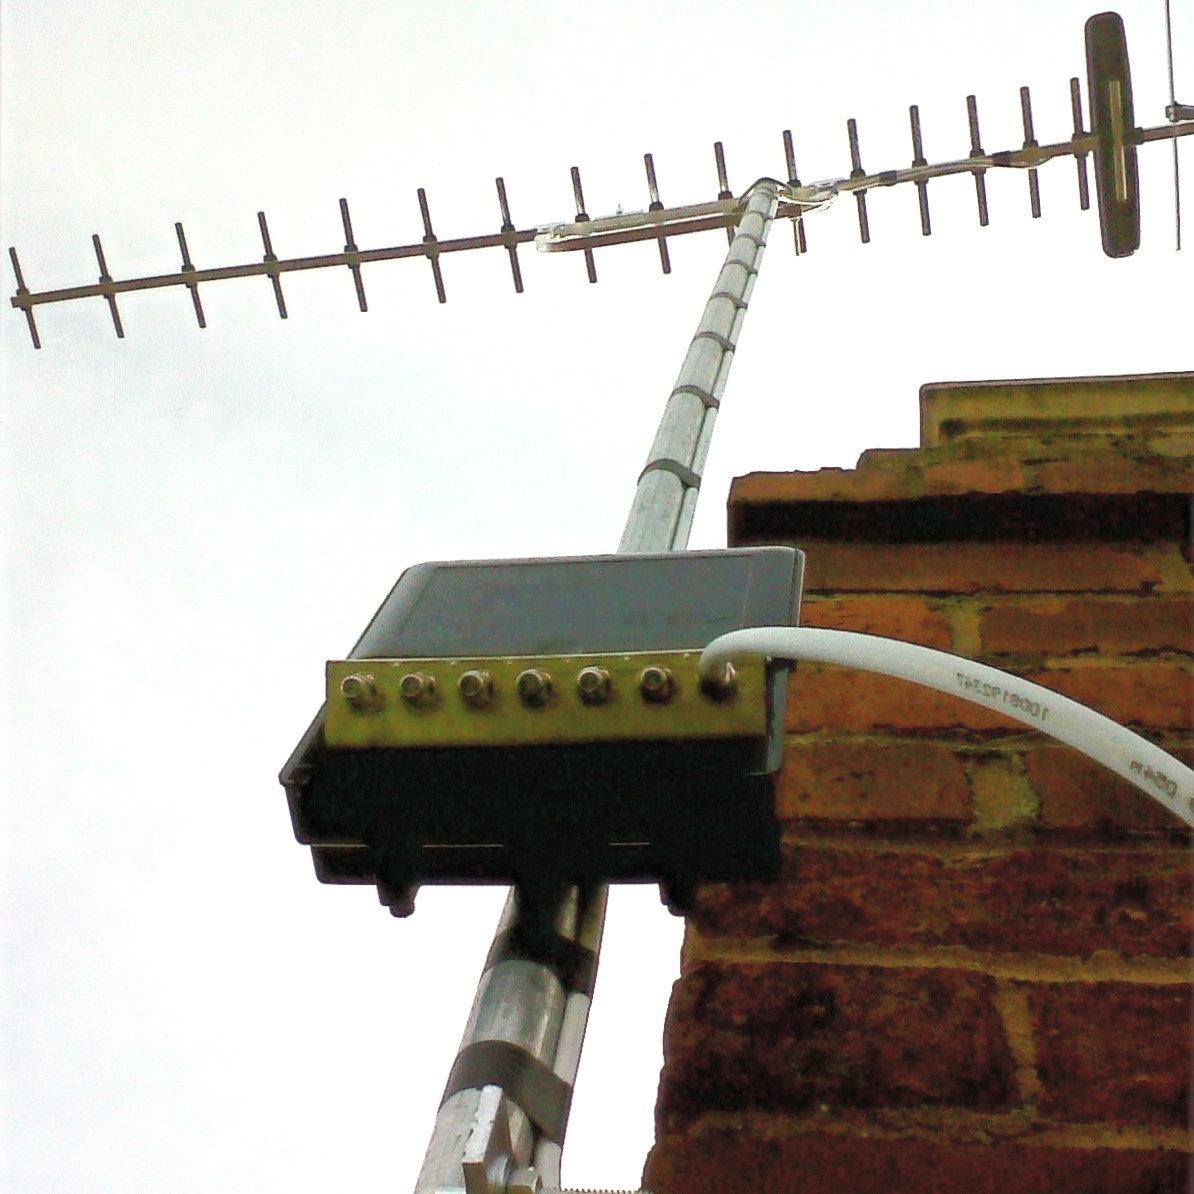 TV Aerial Installation & repair